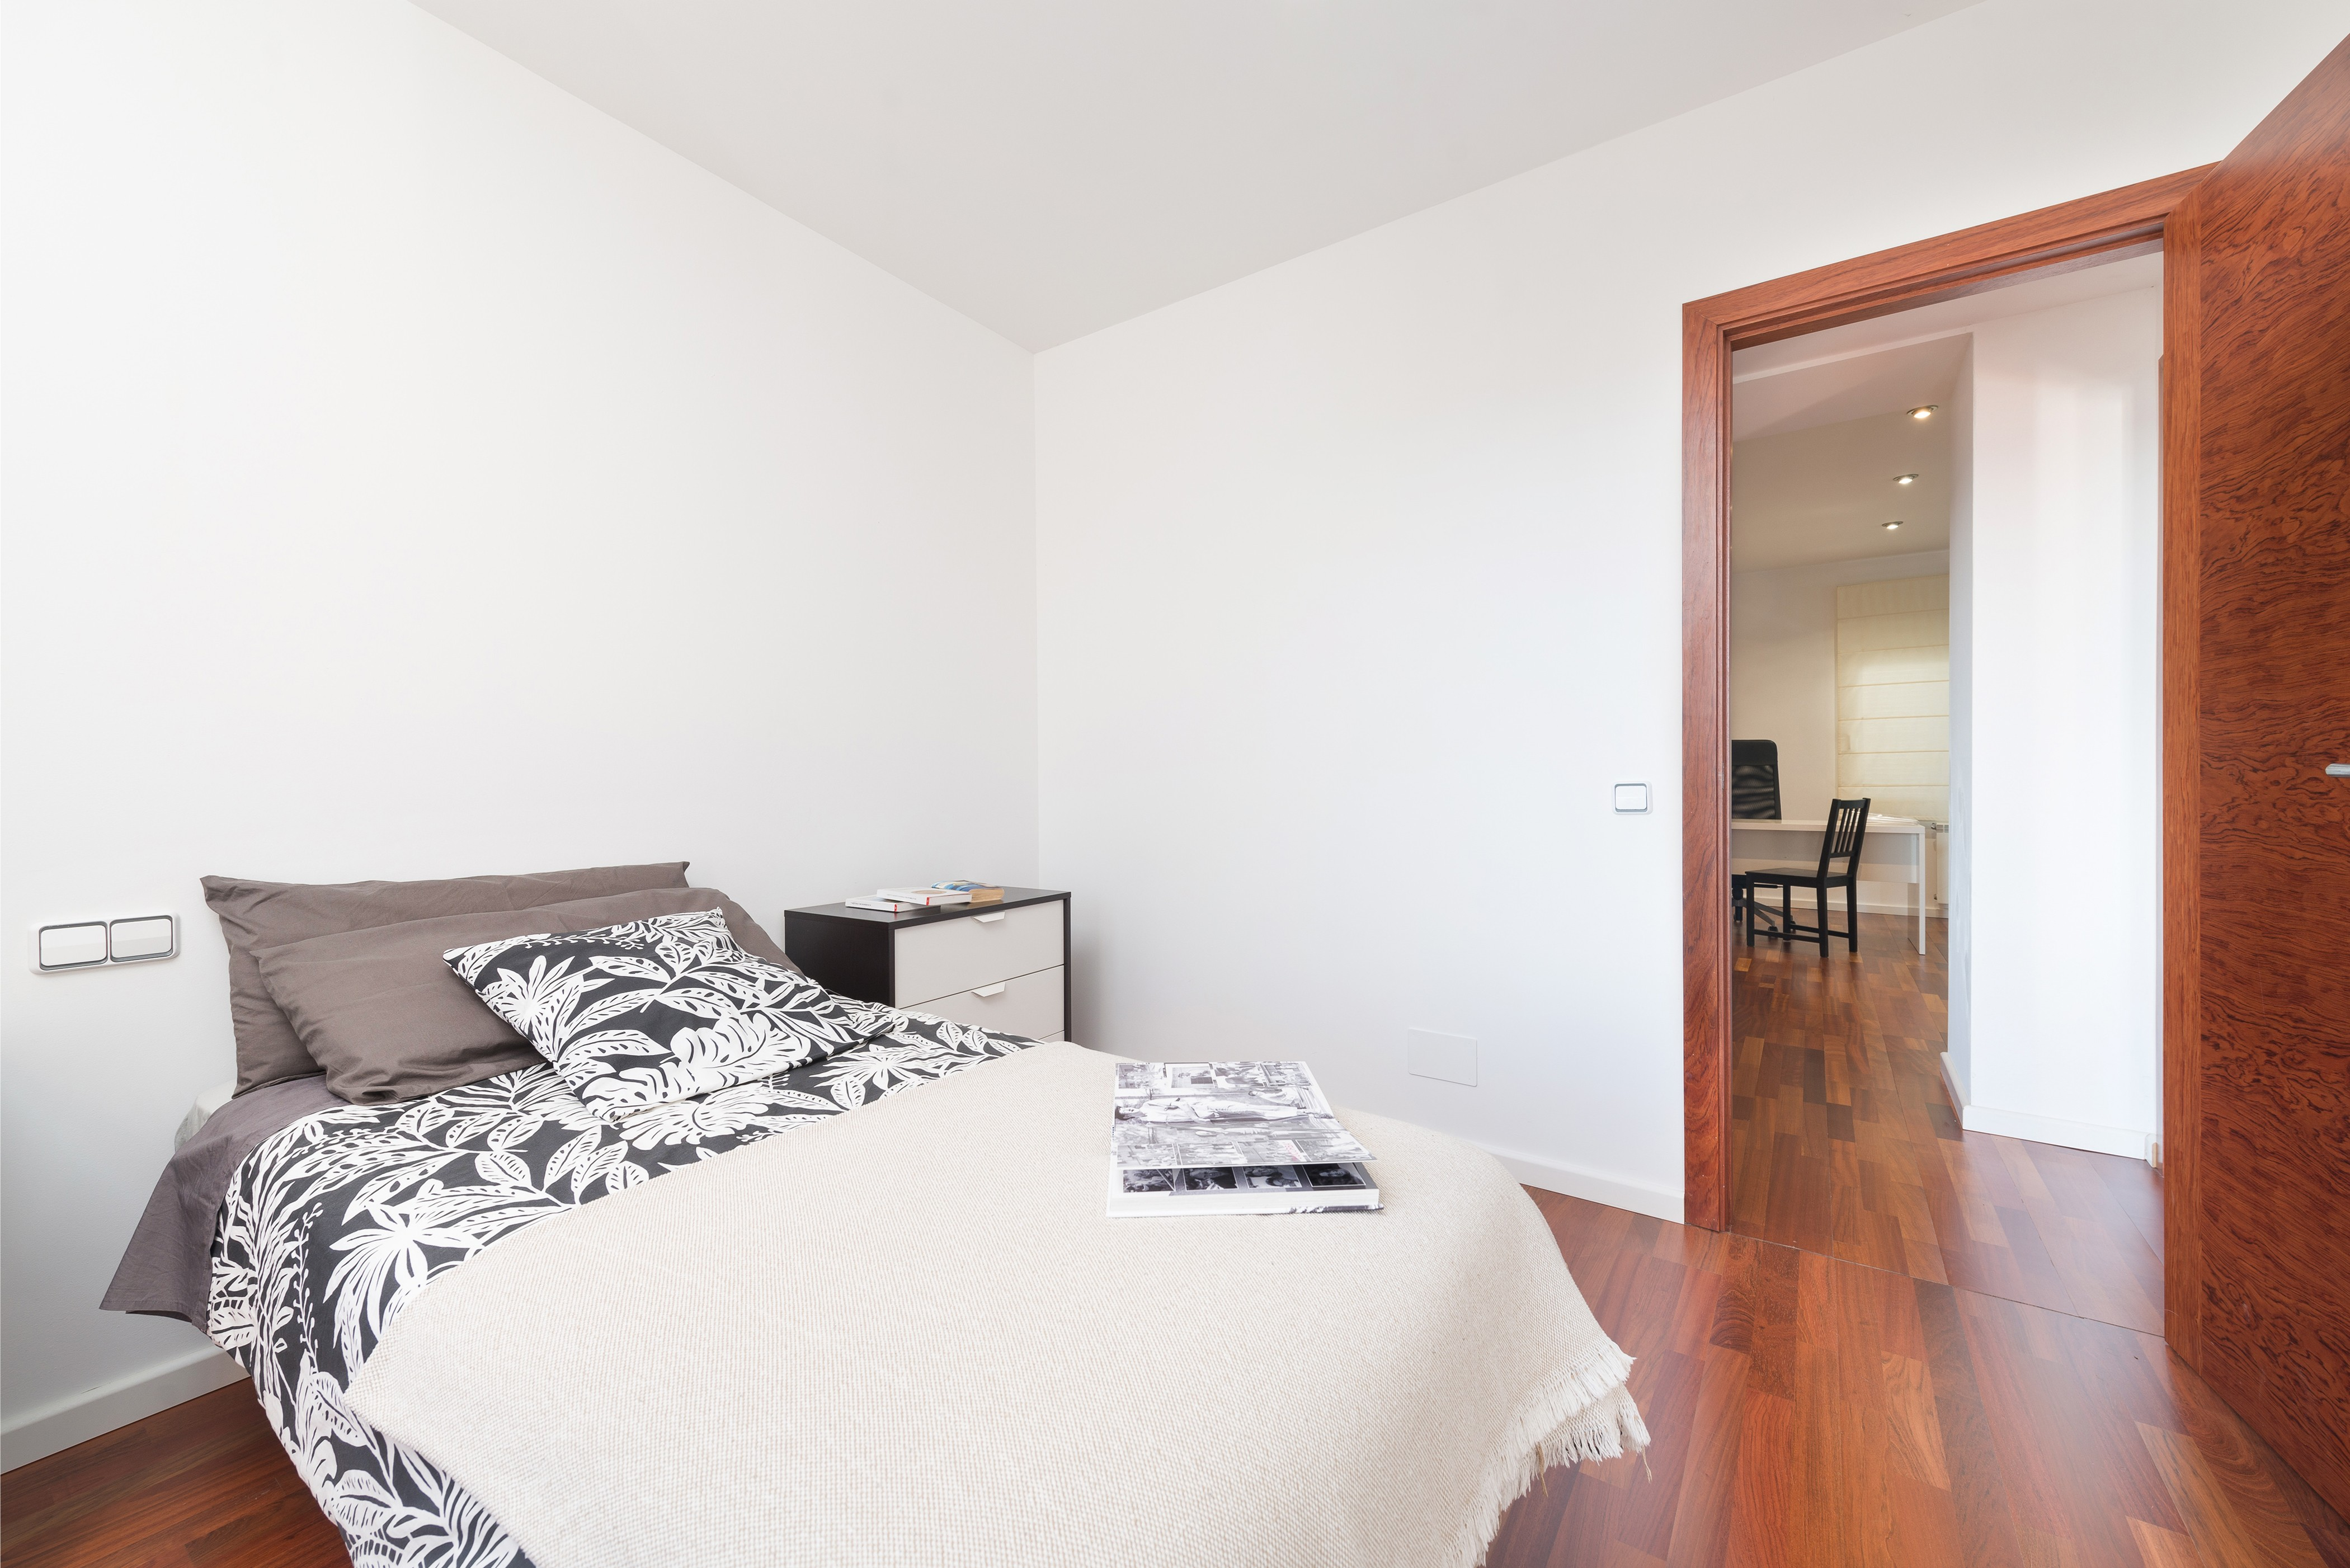 Maison de vacances CAN DOMINGO (2246405), Lloret de Vistalegre, Majorque, Iles Baléares, Espagne, image 13